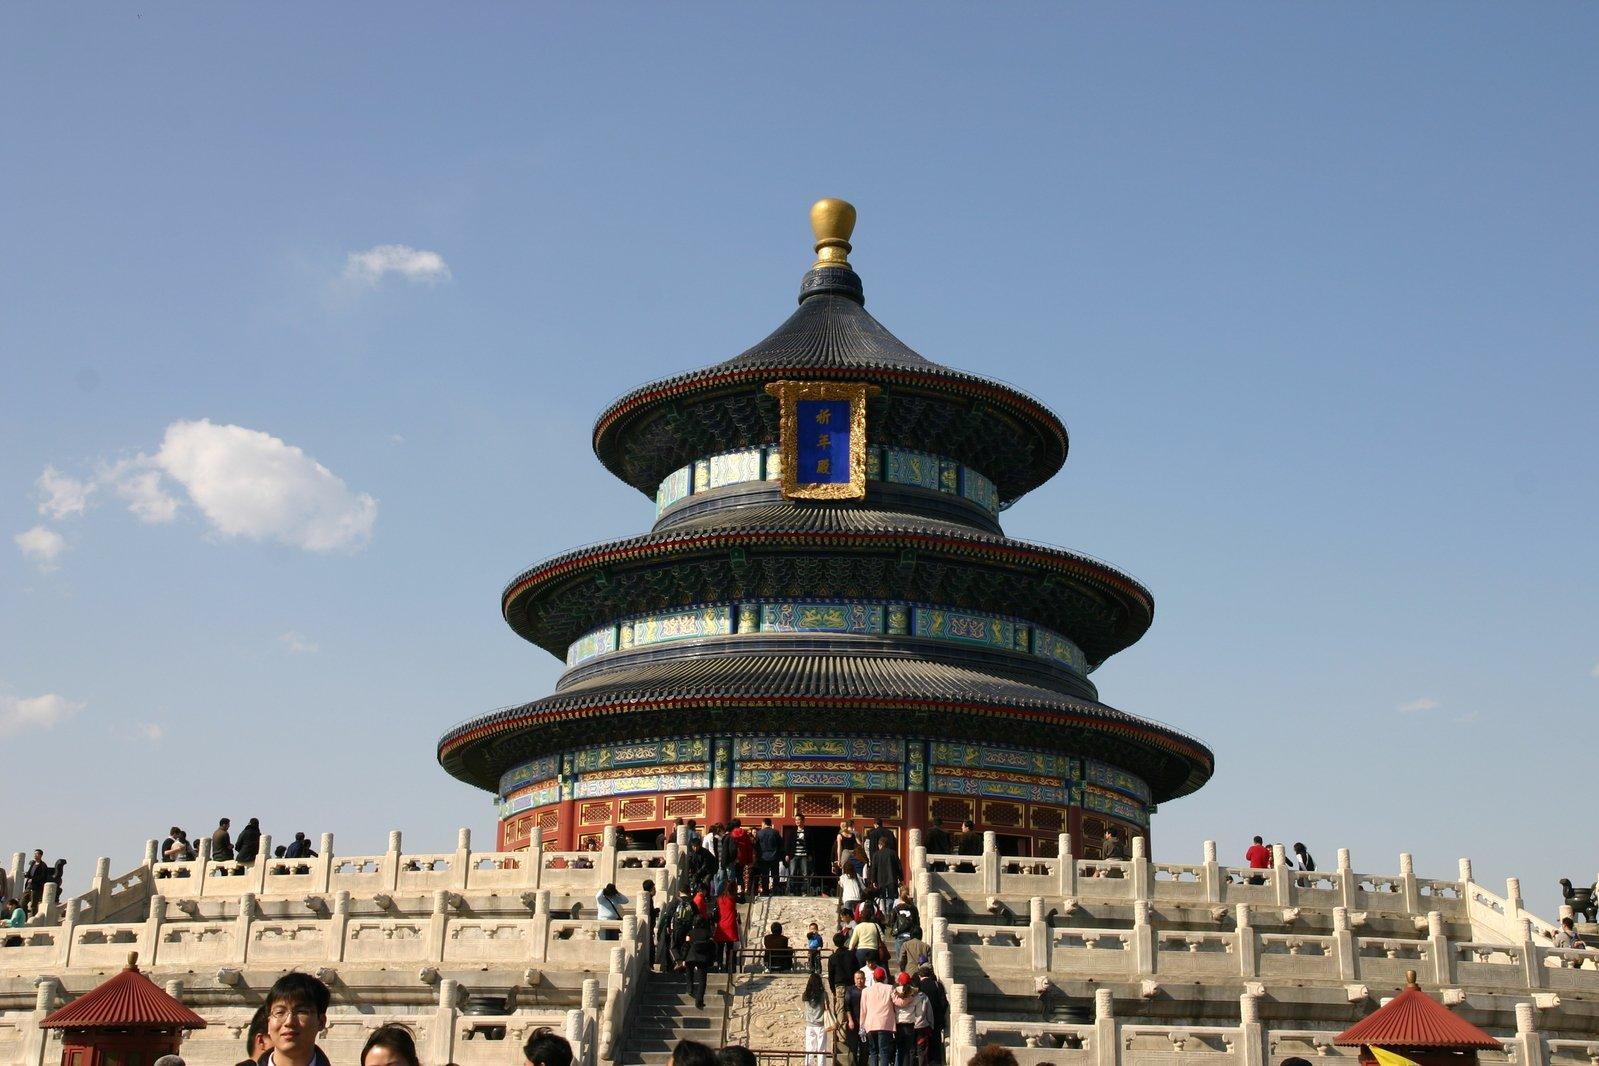 亚洲?9??yo.?in9l#?+_free china imperial palace stock photo